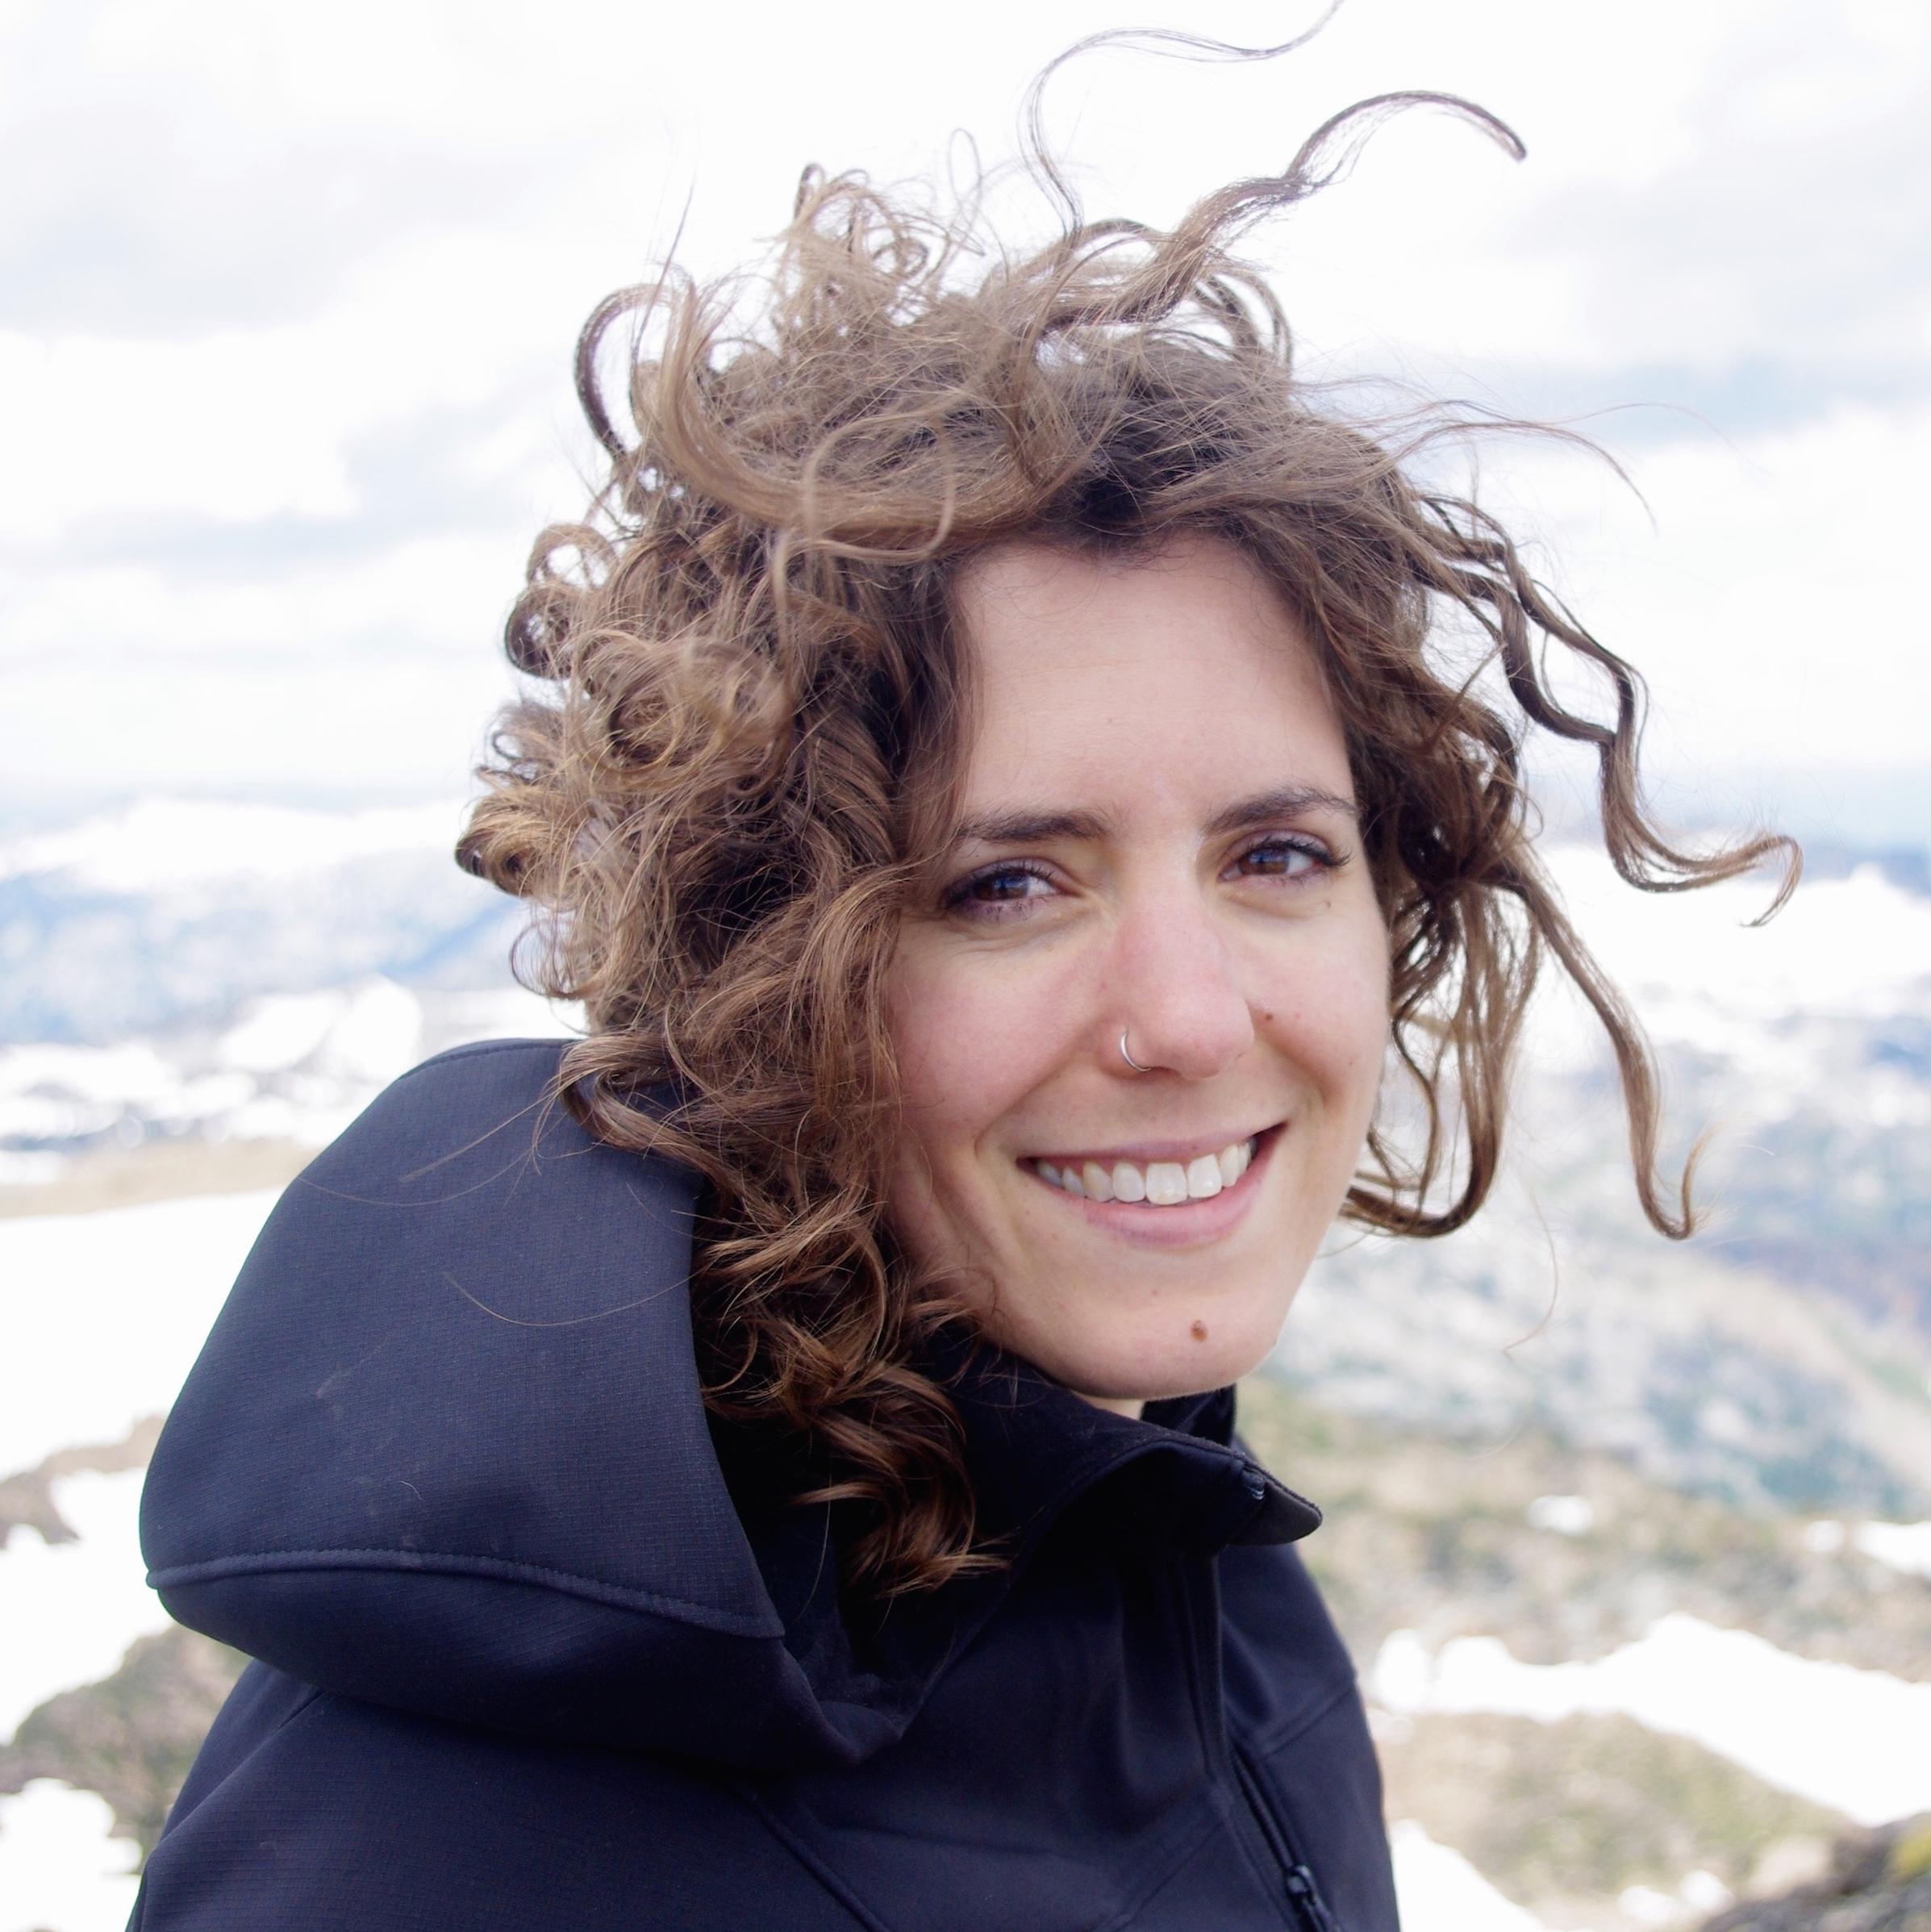 Erica Larson